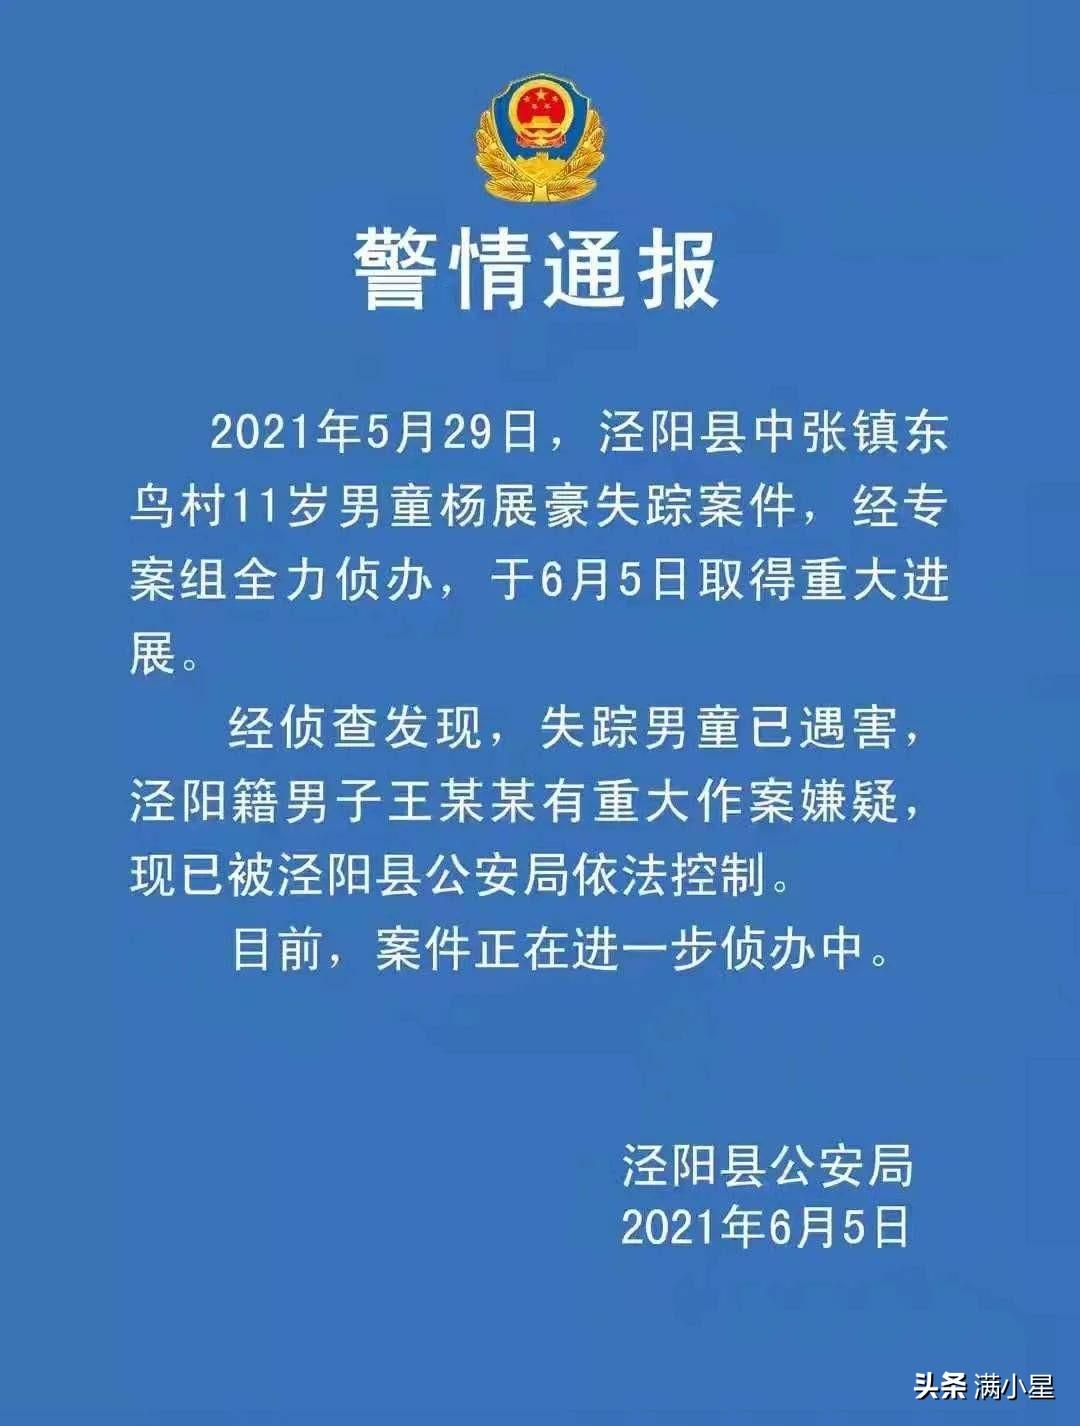 泾阳11岁失踪男孩遇害 嫌疑人已被控制